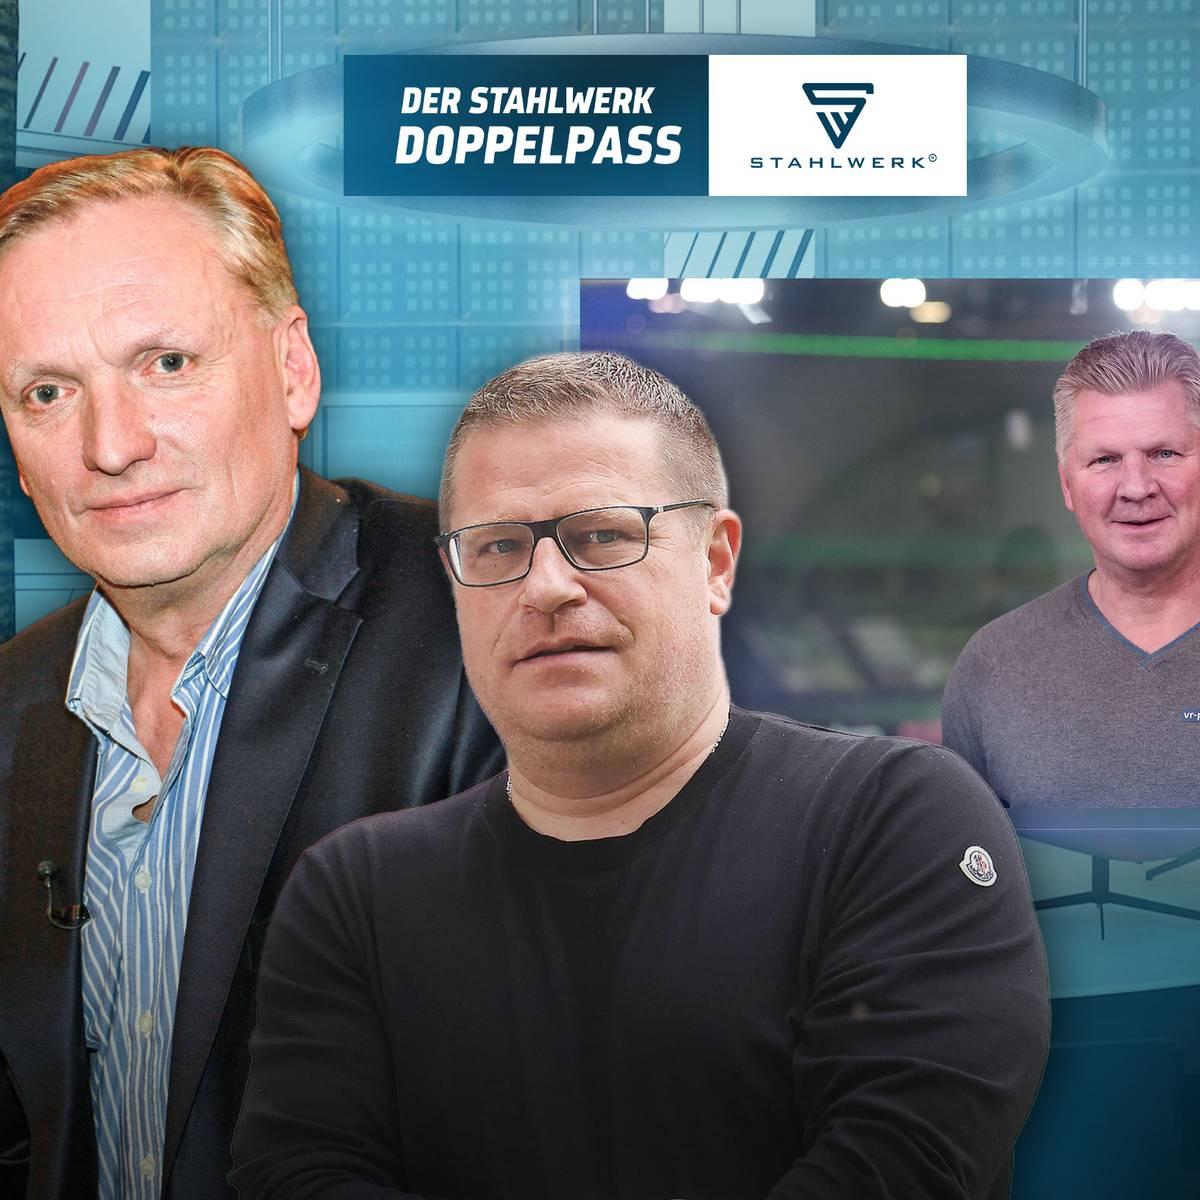 Sendung verpasst? Der STAHLWERK Doppelpass mit Max Eberl vom 03.10.